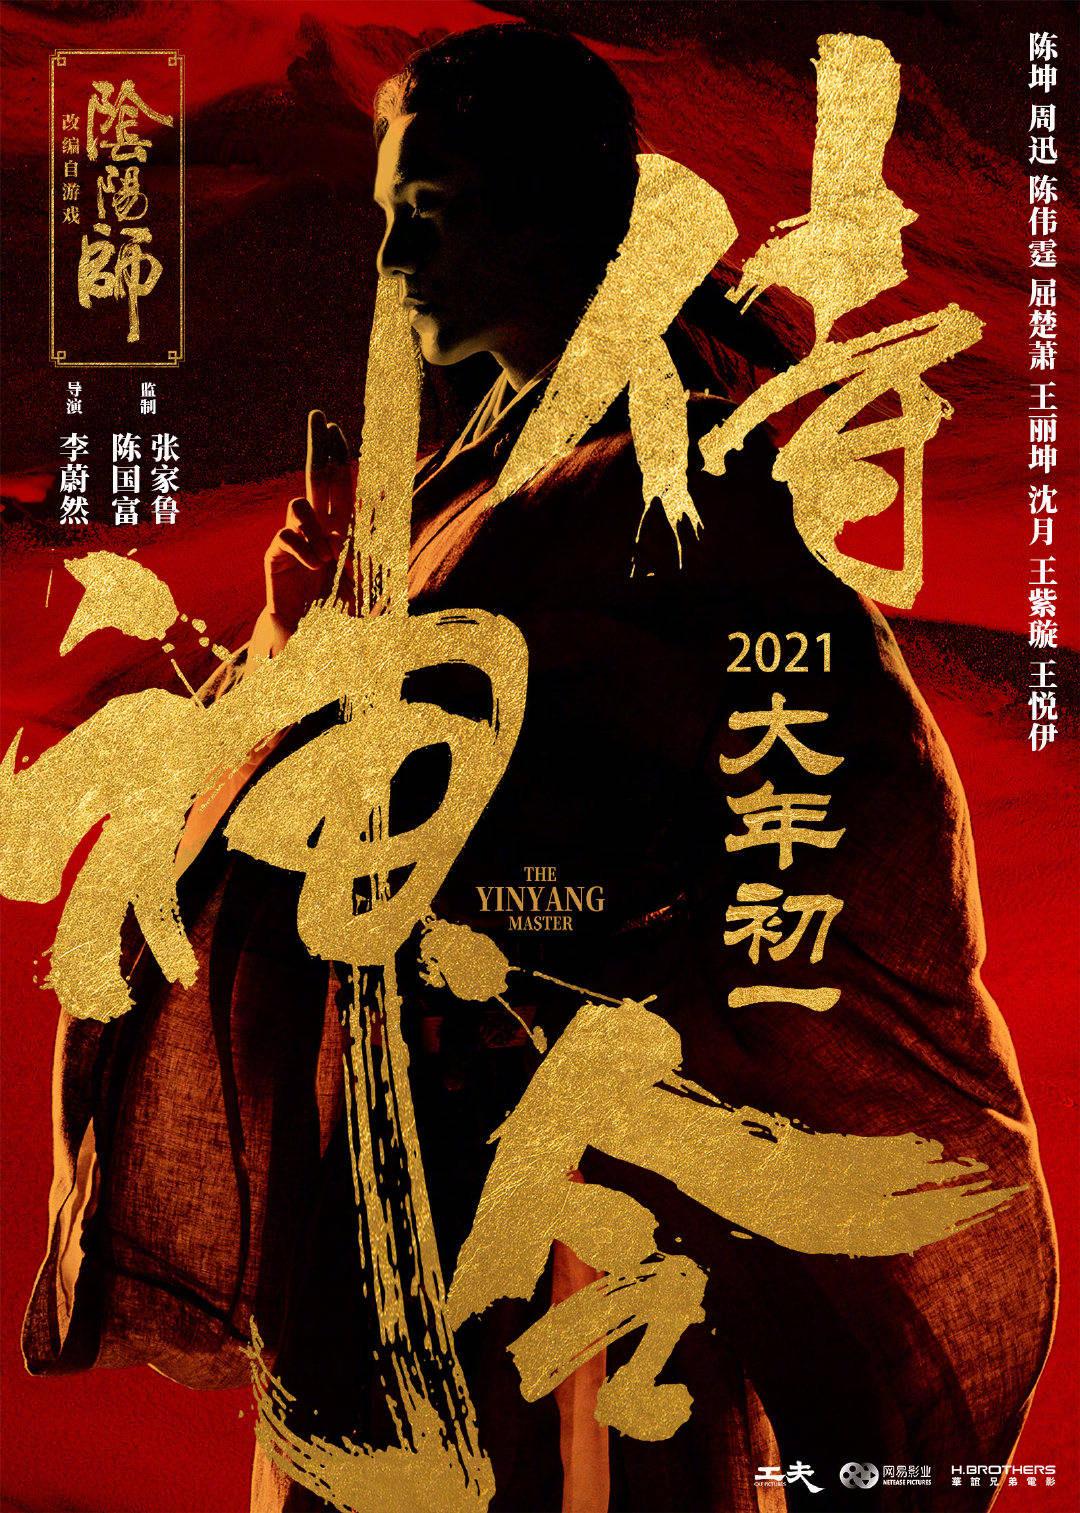 《侍神令》定档 将于2021大年初一上映